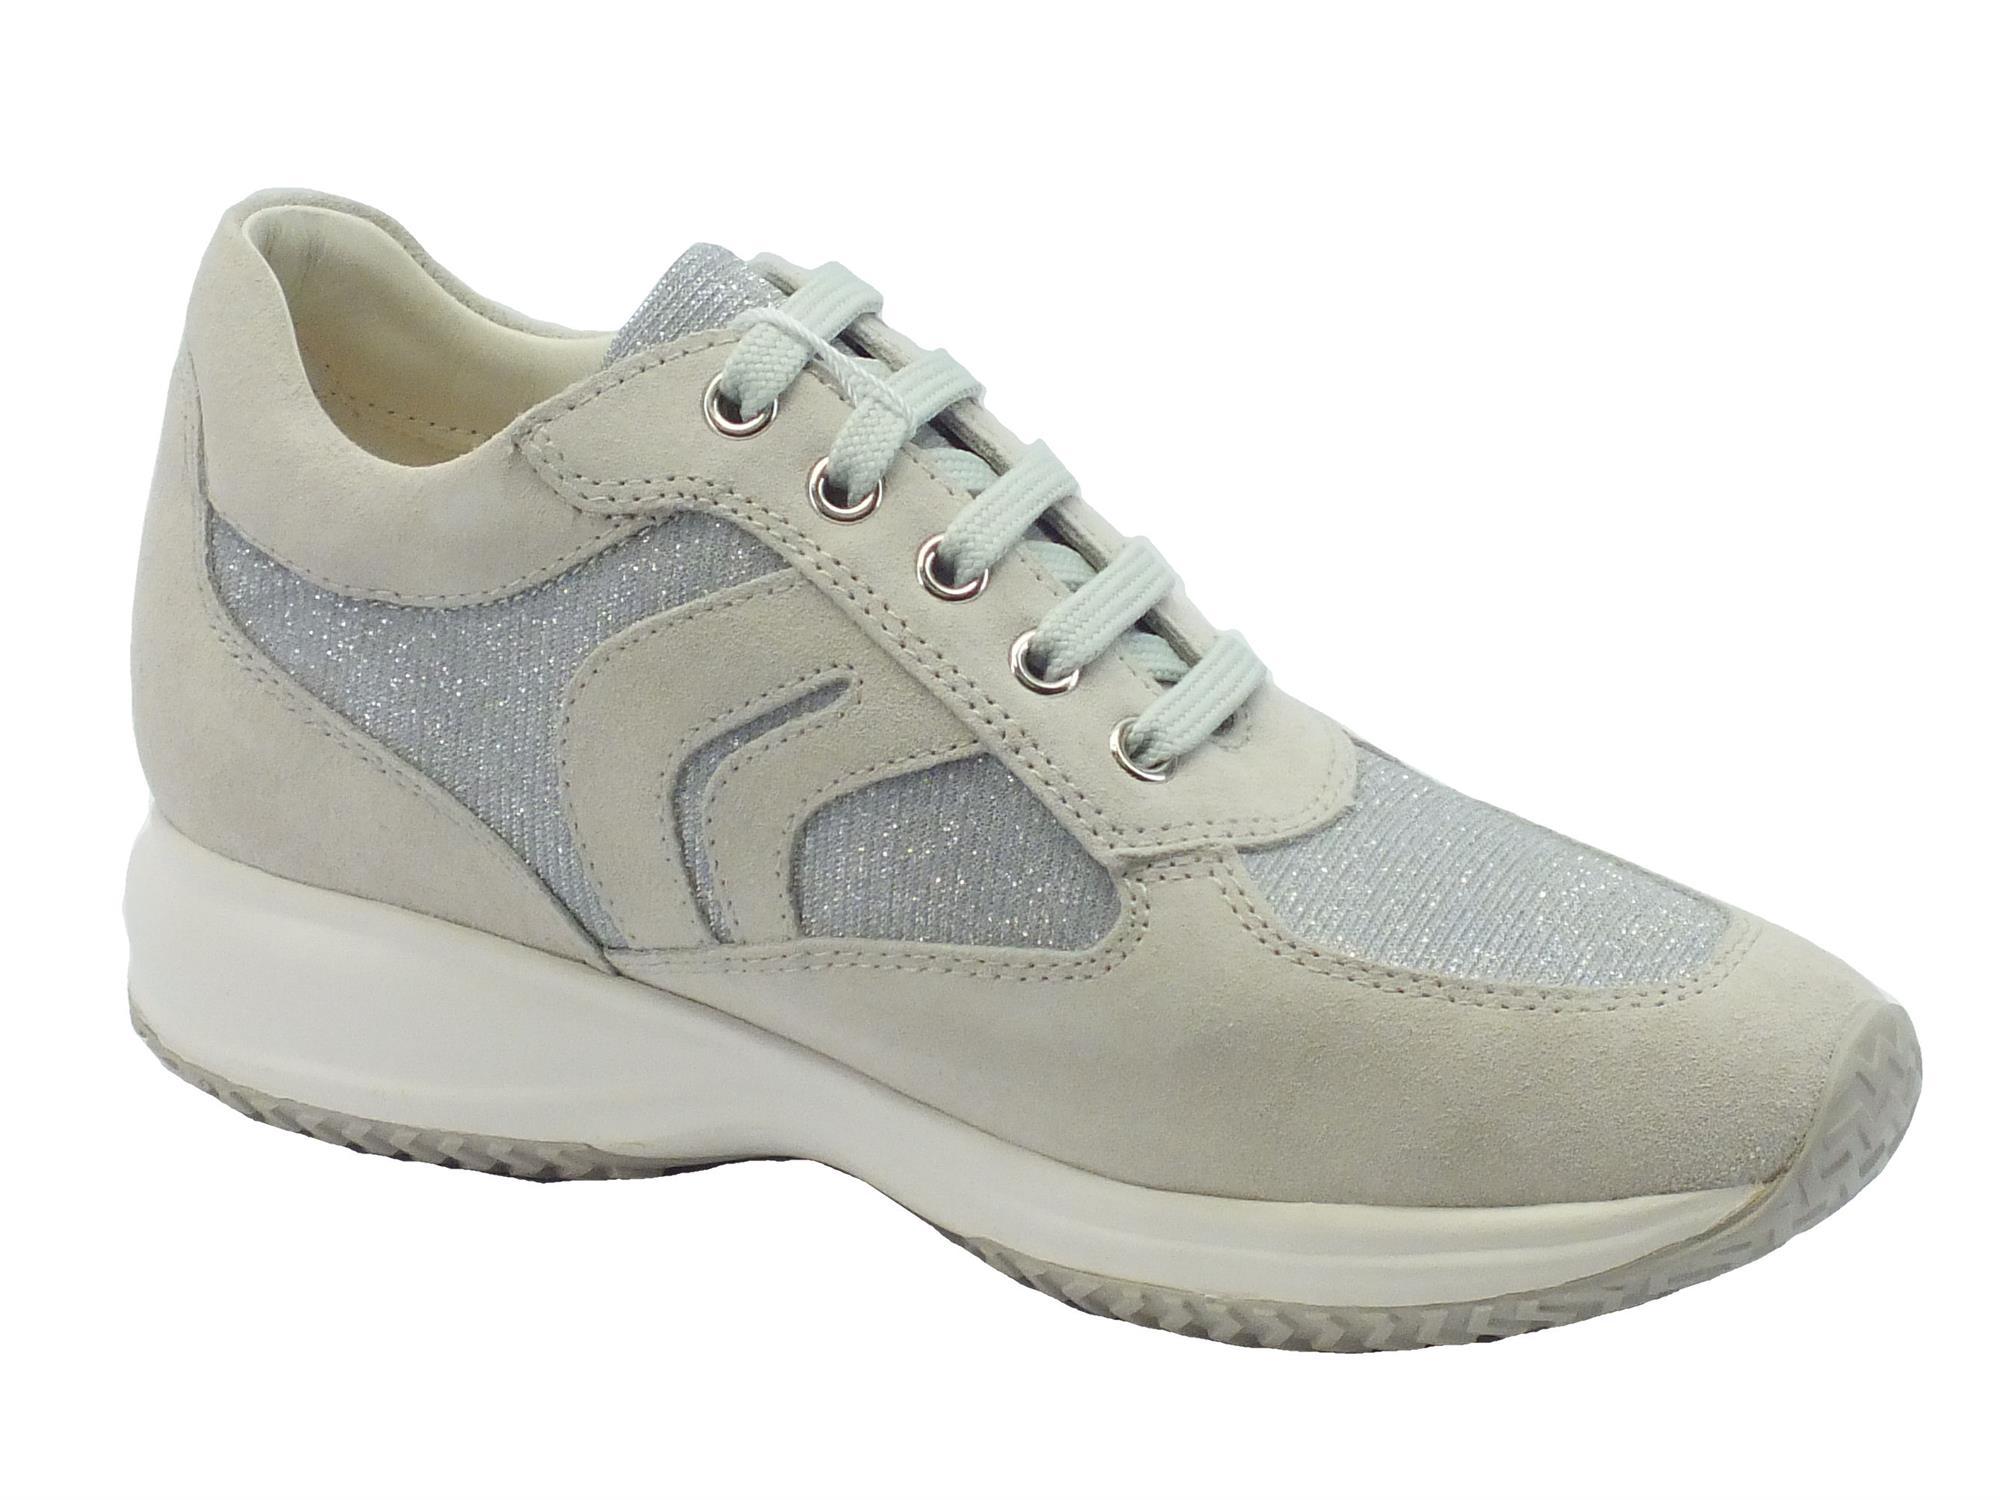 ... Sneakers Geox per donna in camoscio ghiaccio con dettagli in tessuto  glitterato ... e70c3afd9a2